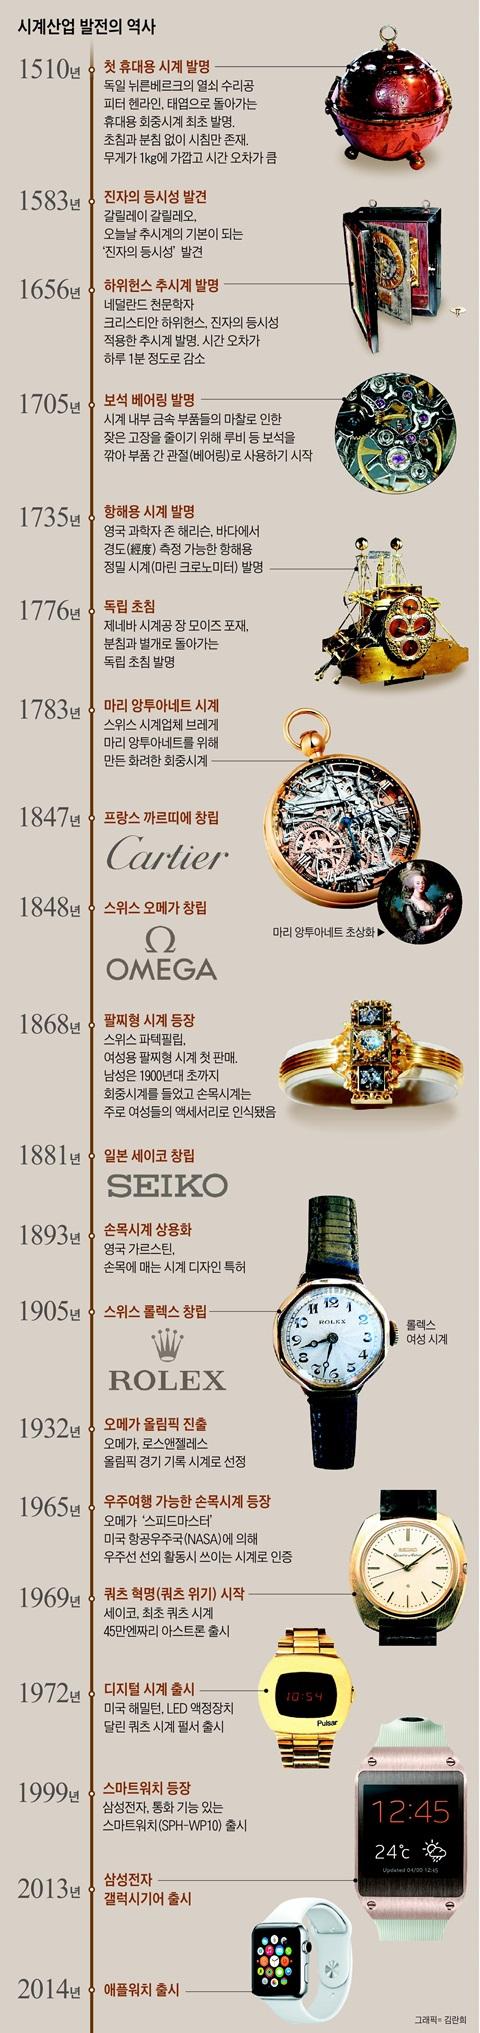 시계산업 발전의 역사